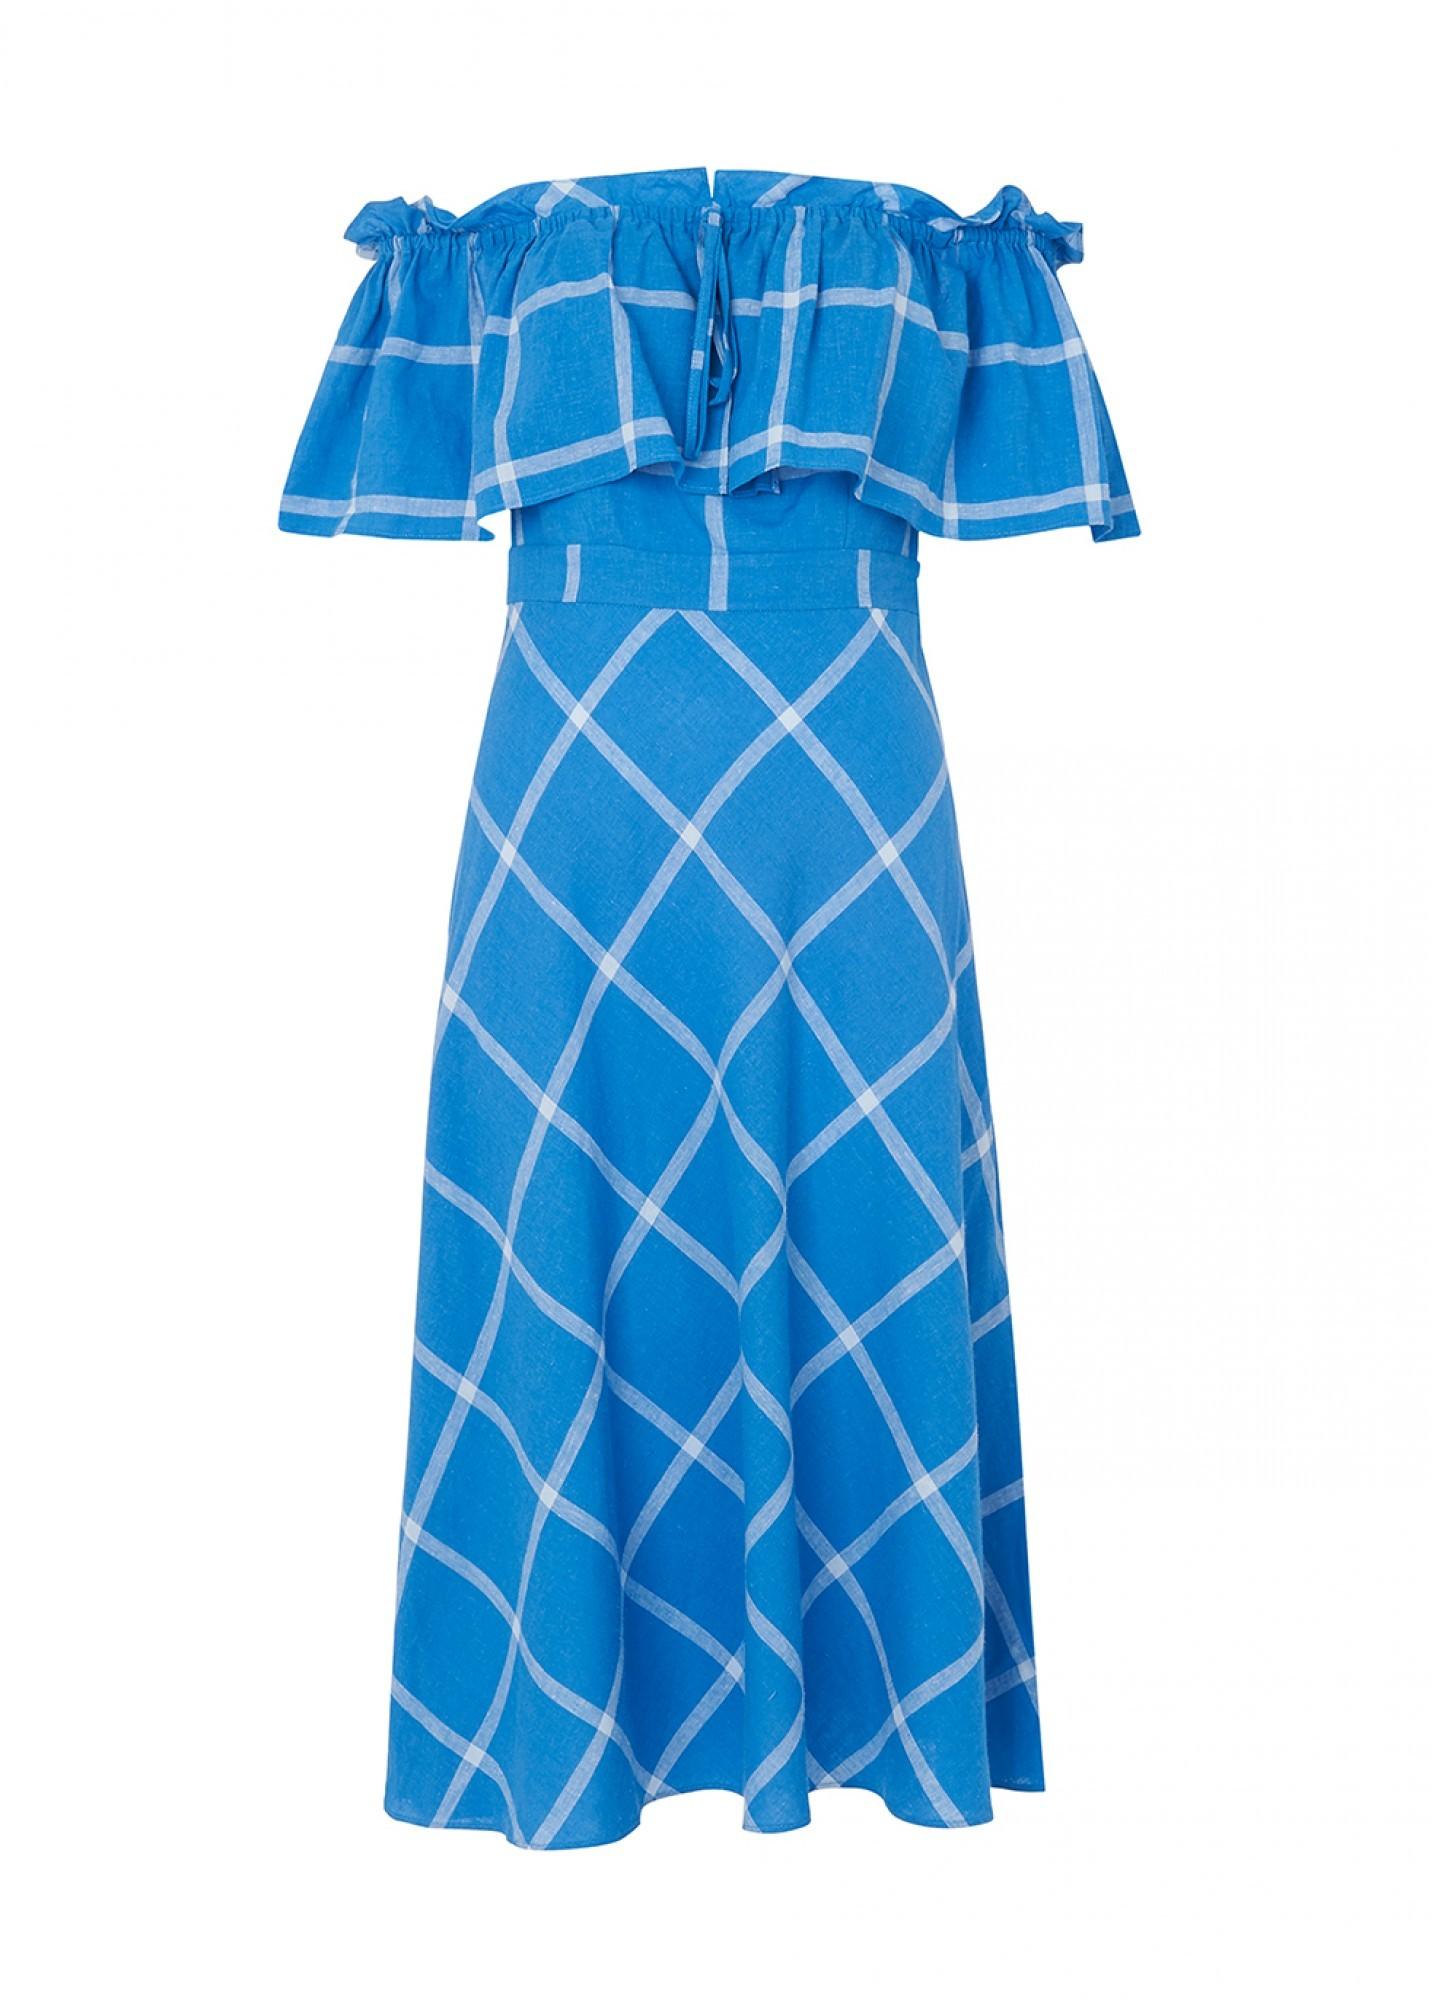 KITRI AMAYA BARDOT SUN DRESS